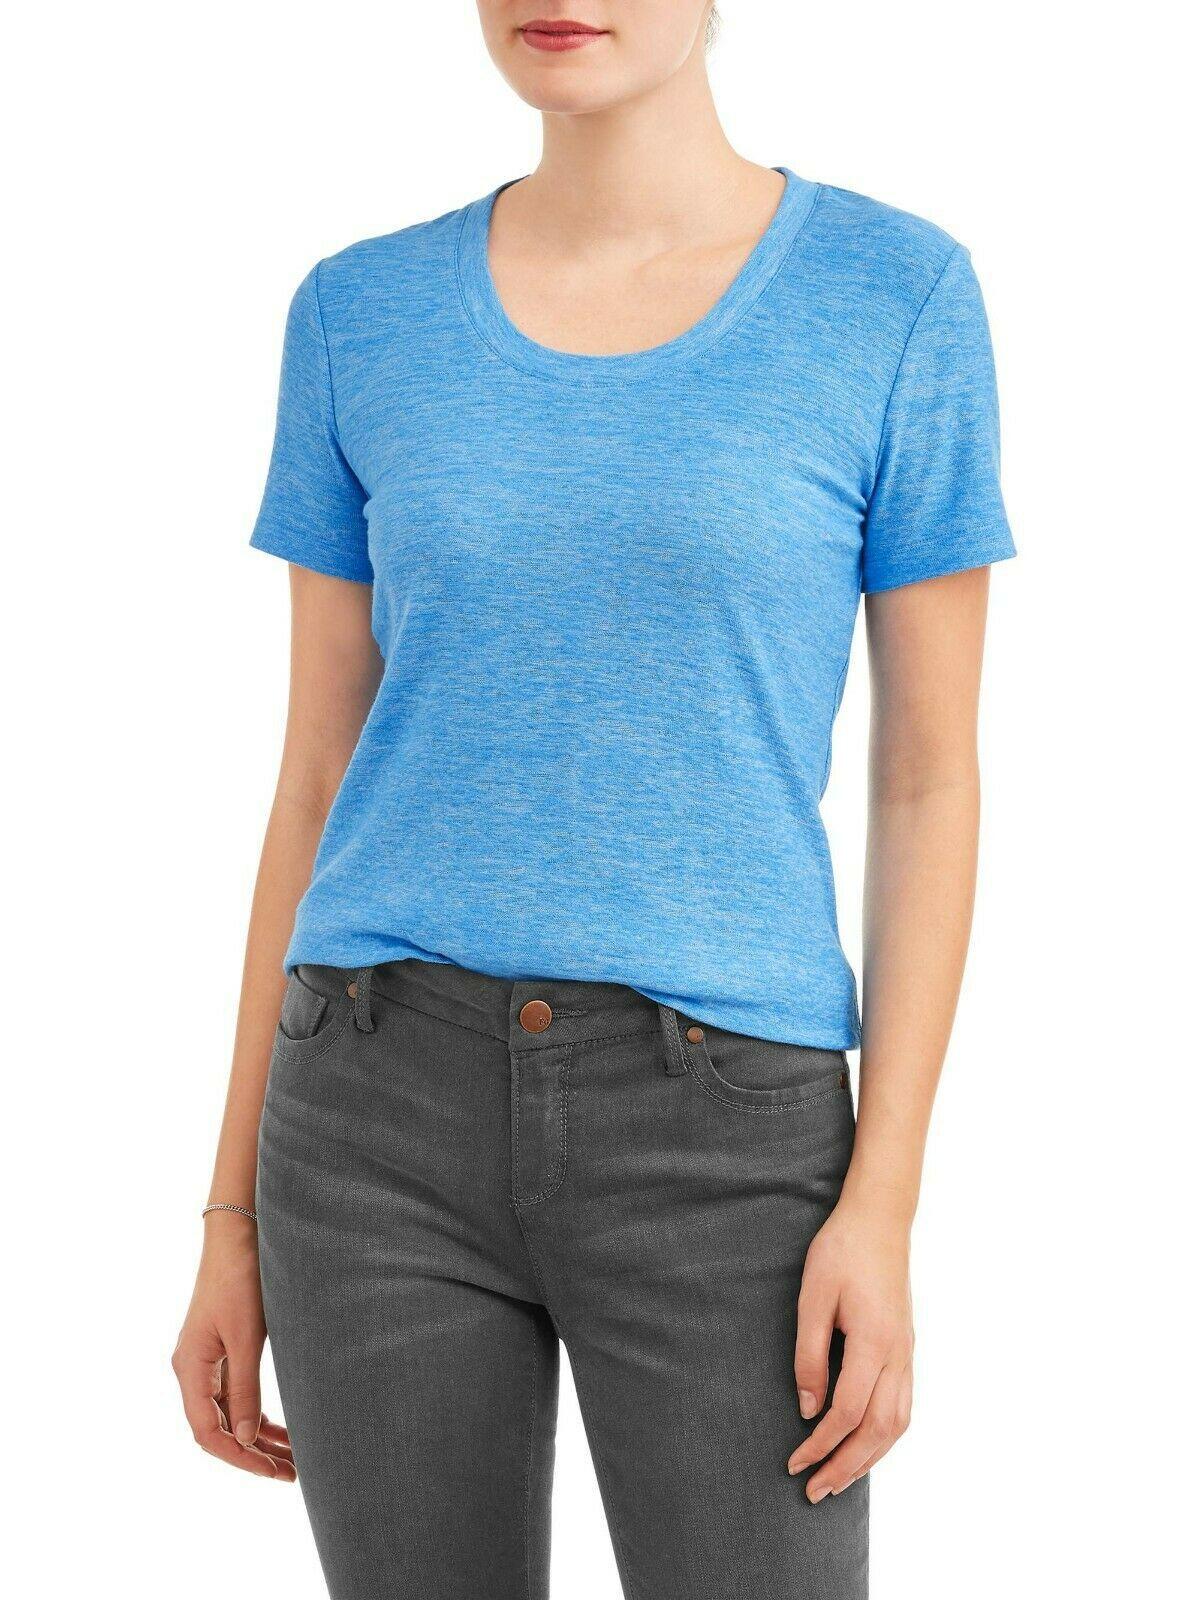 Time & Tru Women's Crew Neck T Shirt Blue XL (16-18) Short Sleeve Regular Fit